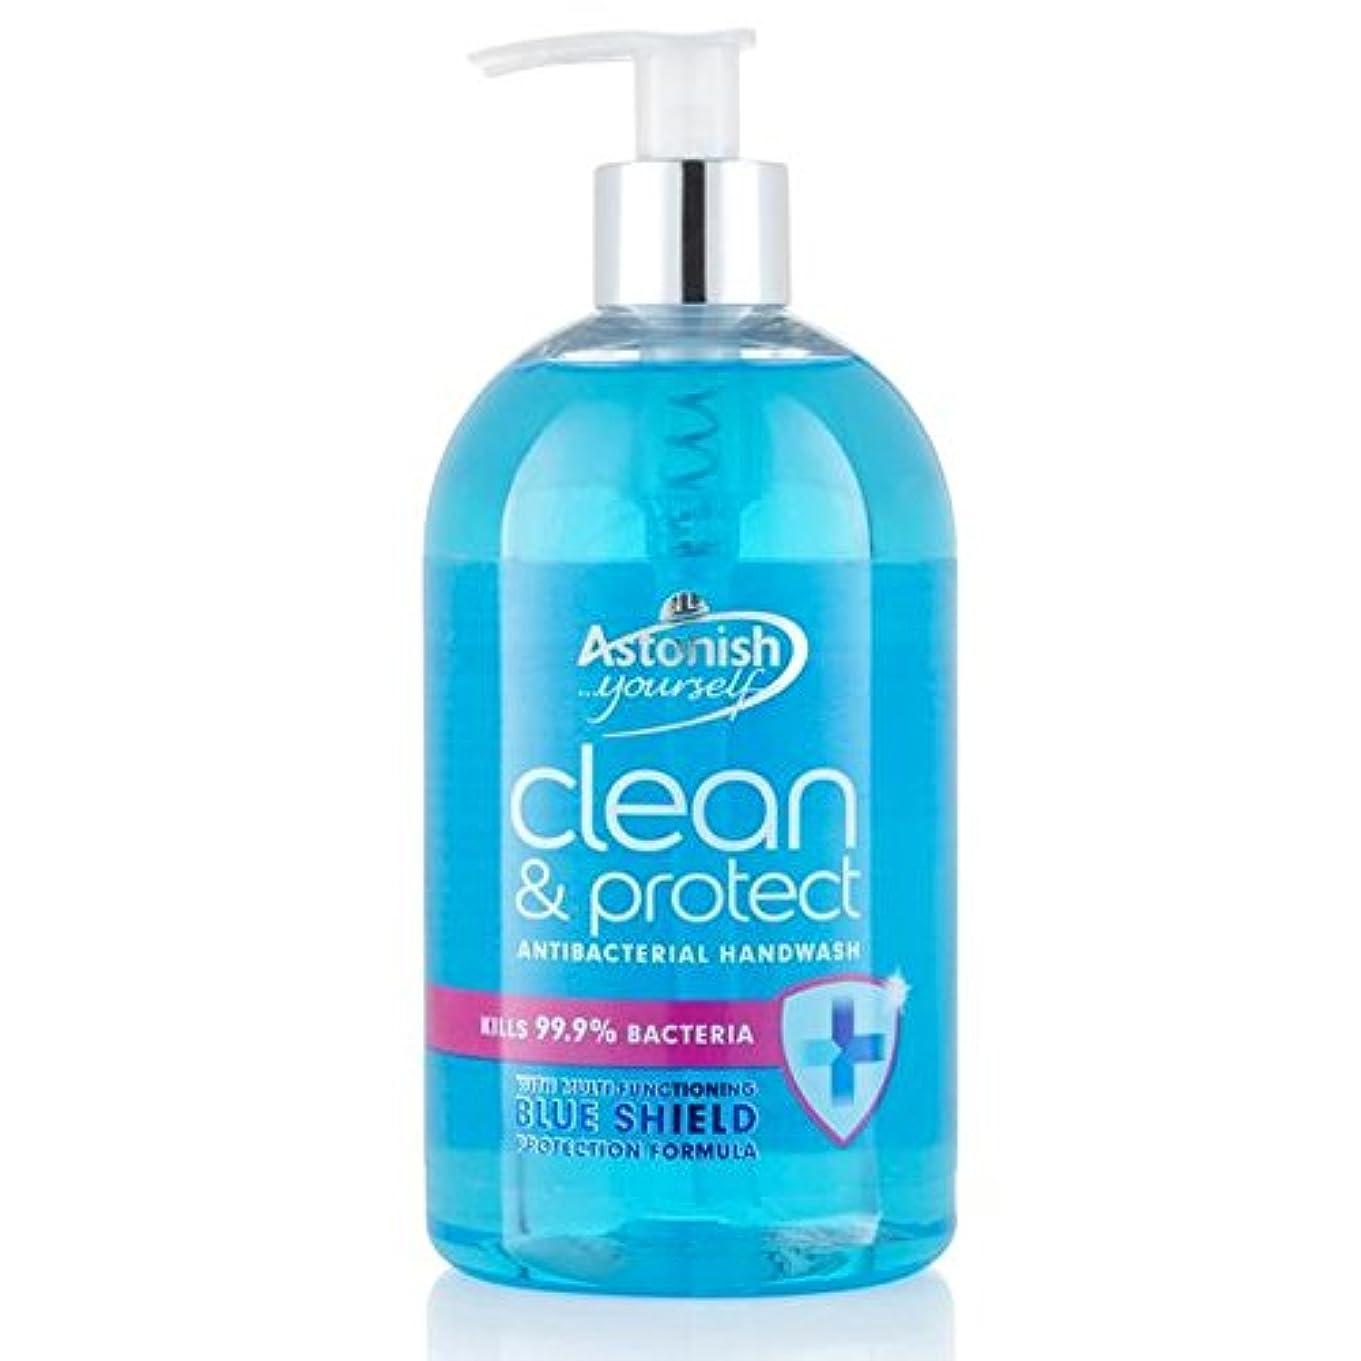 集団的激怒暖炉クリーン驚か&ハンドウォッシュ500ミリリットルを保護 x2 - Astonish Clean & Protect Hand Wash 500ml (Pack of 2) [並行輸入品]